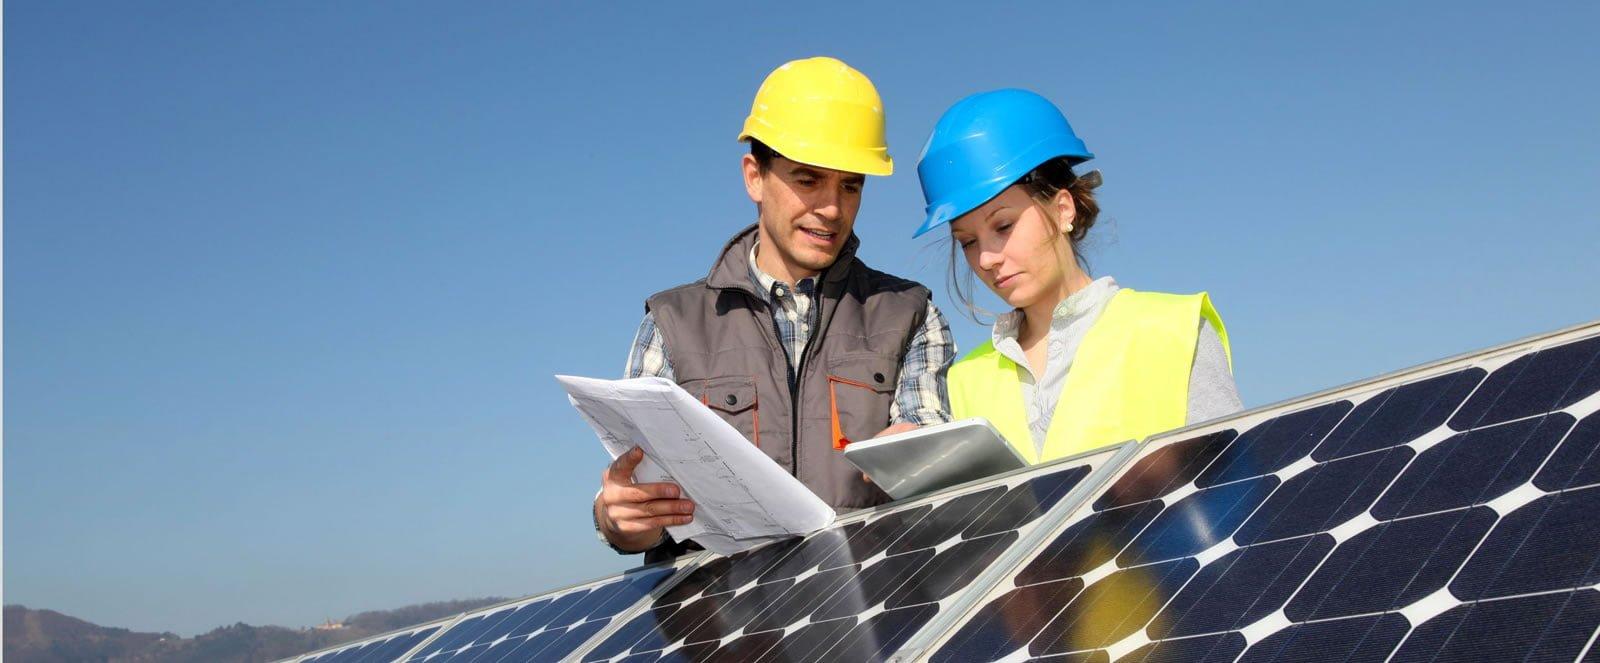 controllo-verifica-impianto-fotovoltaico-adeguamento